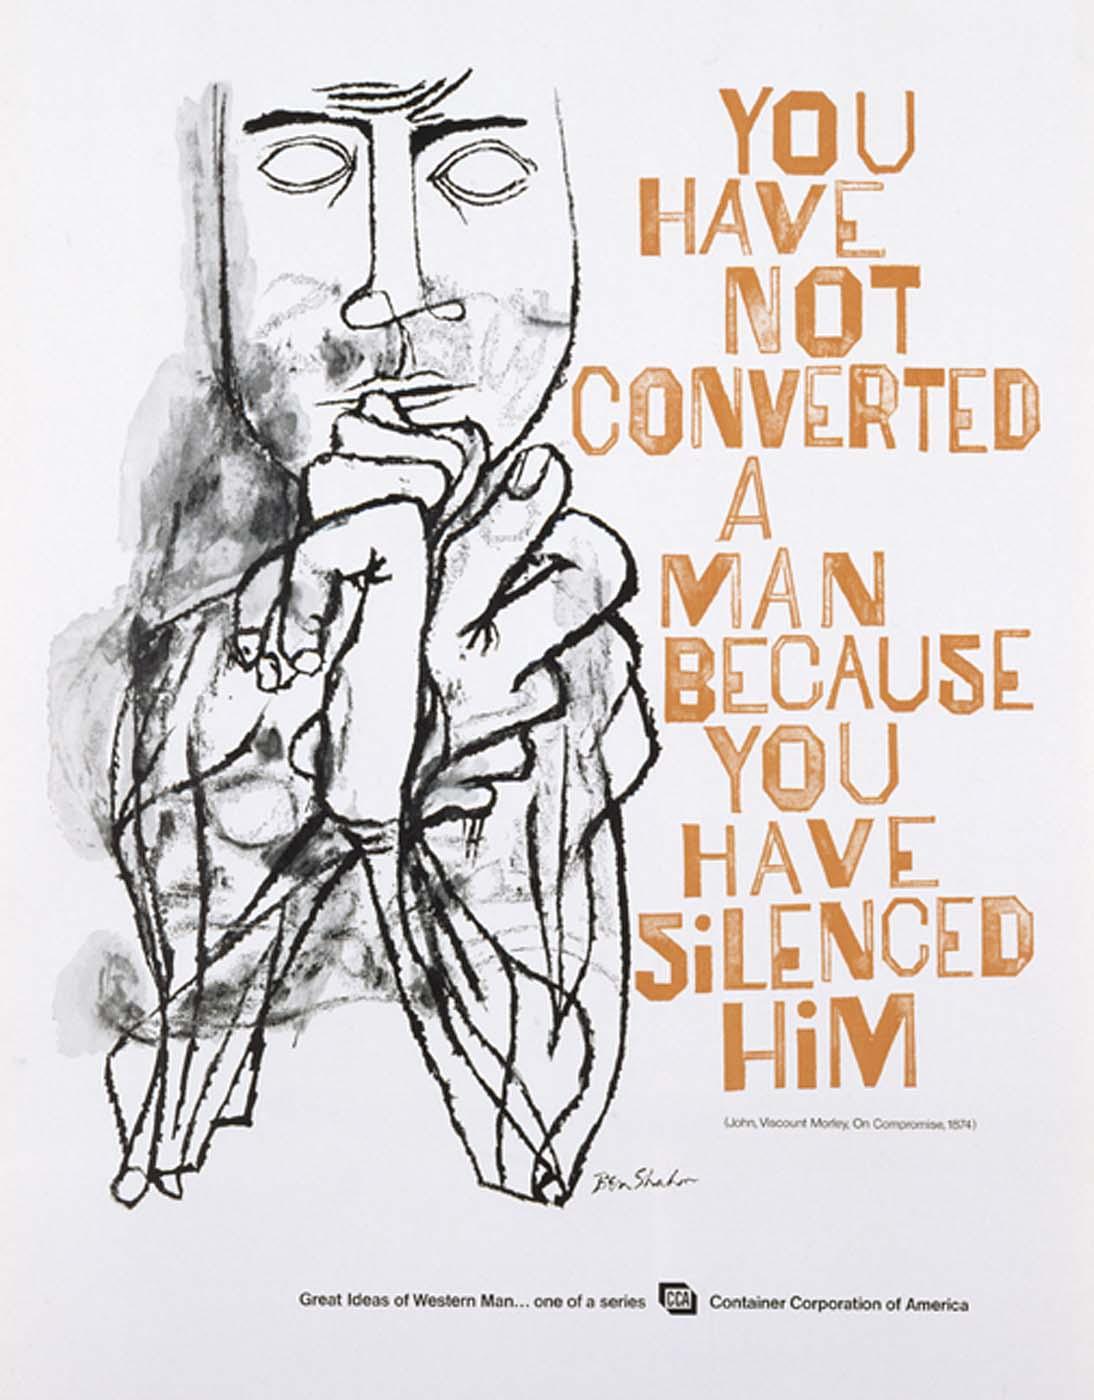 Ben Shahn's quote #2